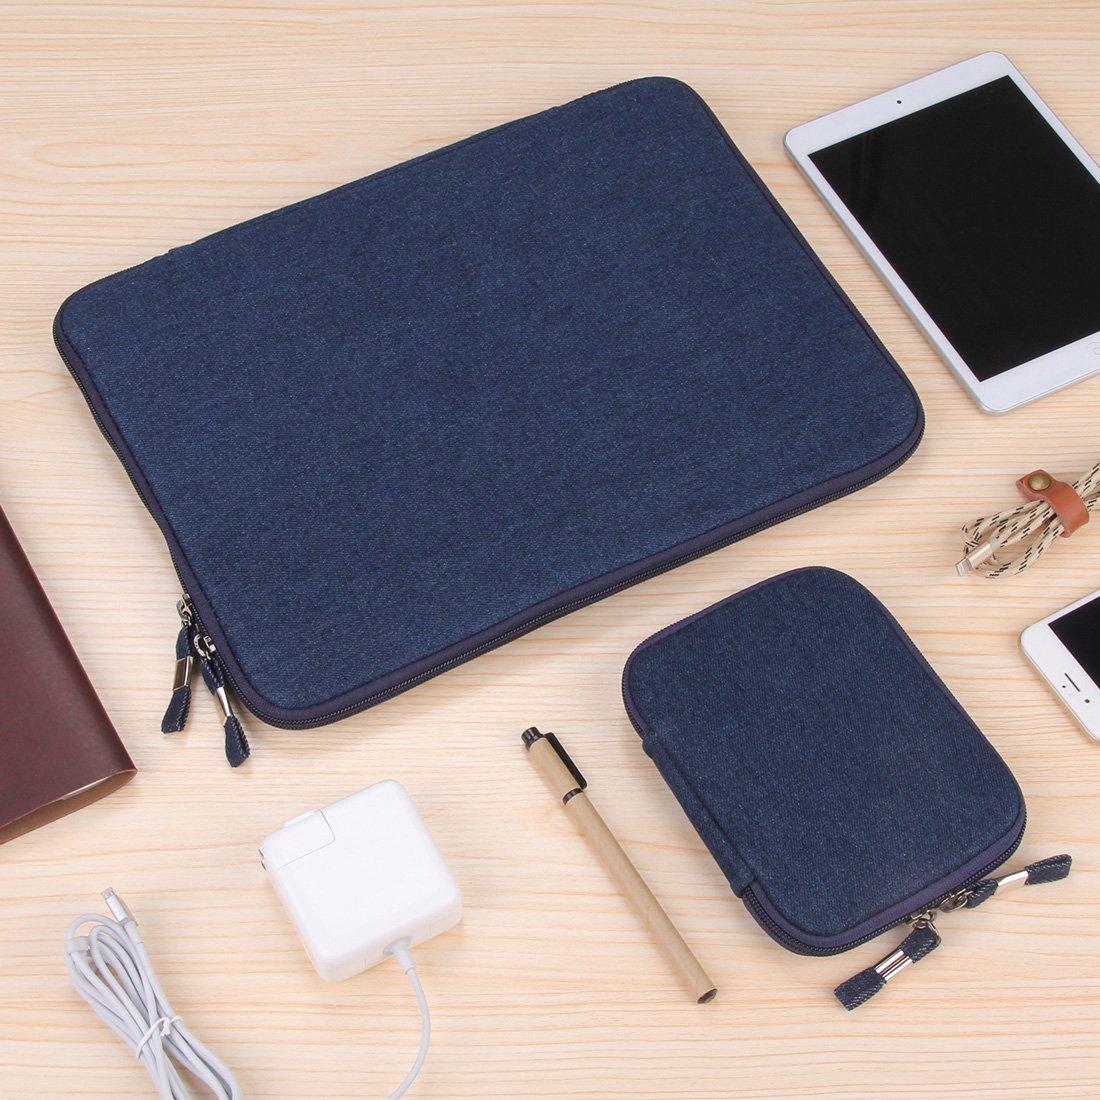 Liên tưởng (Lenovo) Salmen laptop máy tính bảng gói 13 – 7,62mm cm mang túi phụ kiện áp dụng cho Mac